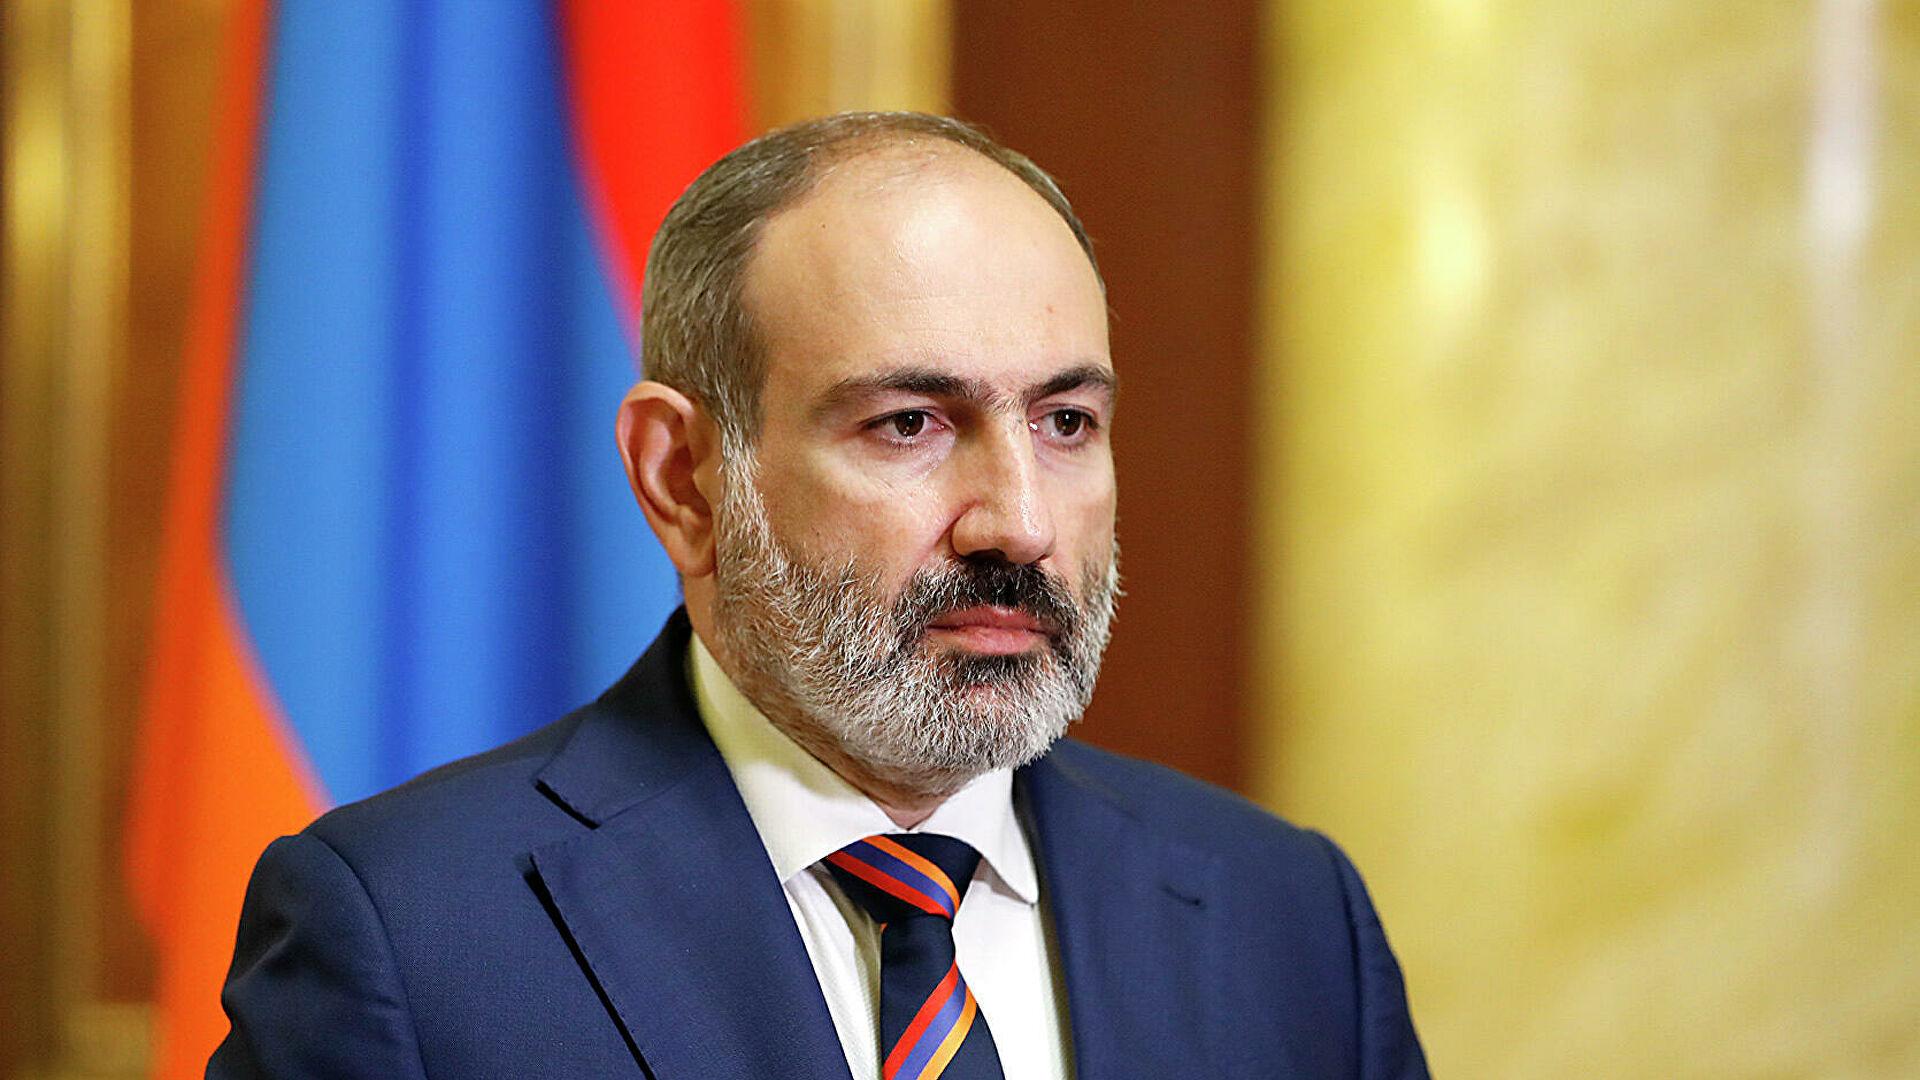 Премијер Јерменије апеловао на међународне организације да искористе све полуге утицаја како би зауставиле Турску од потенцијалног мешања у сукоб